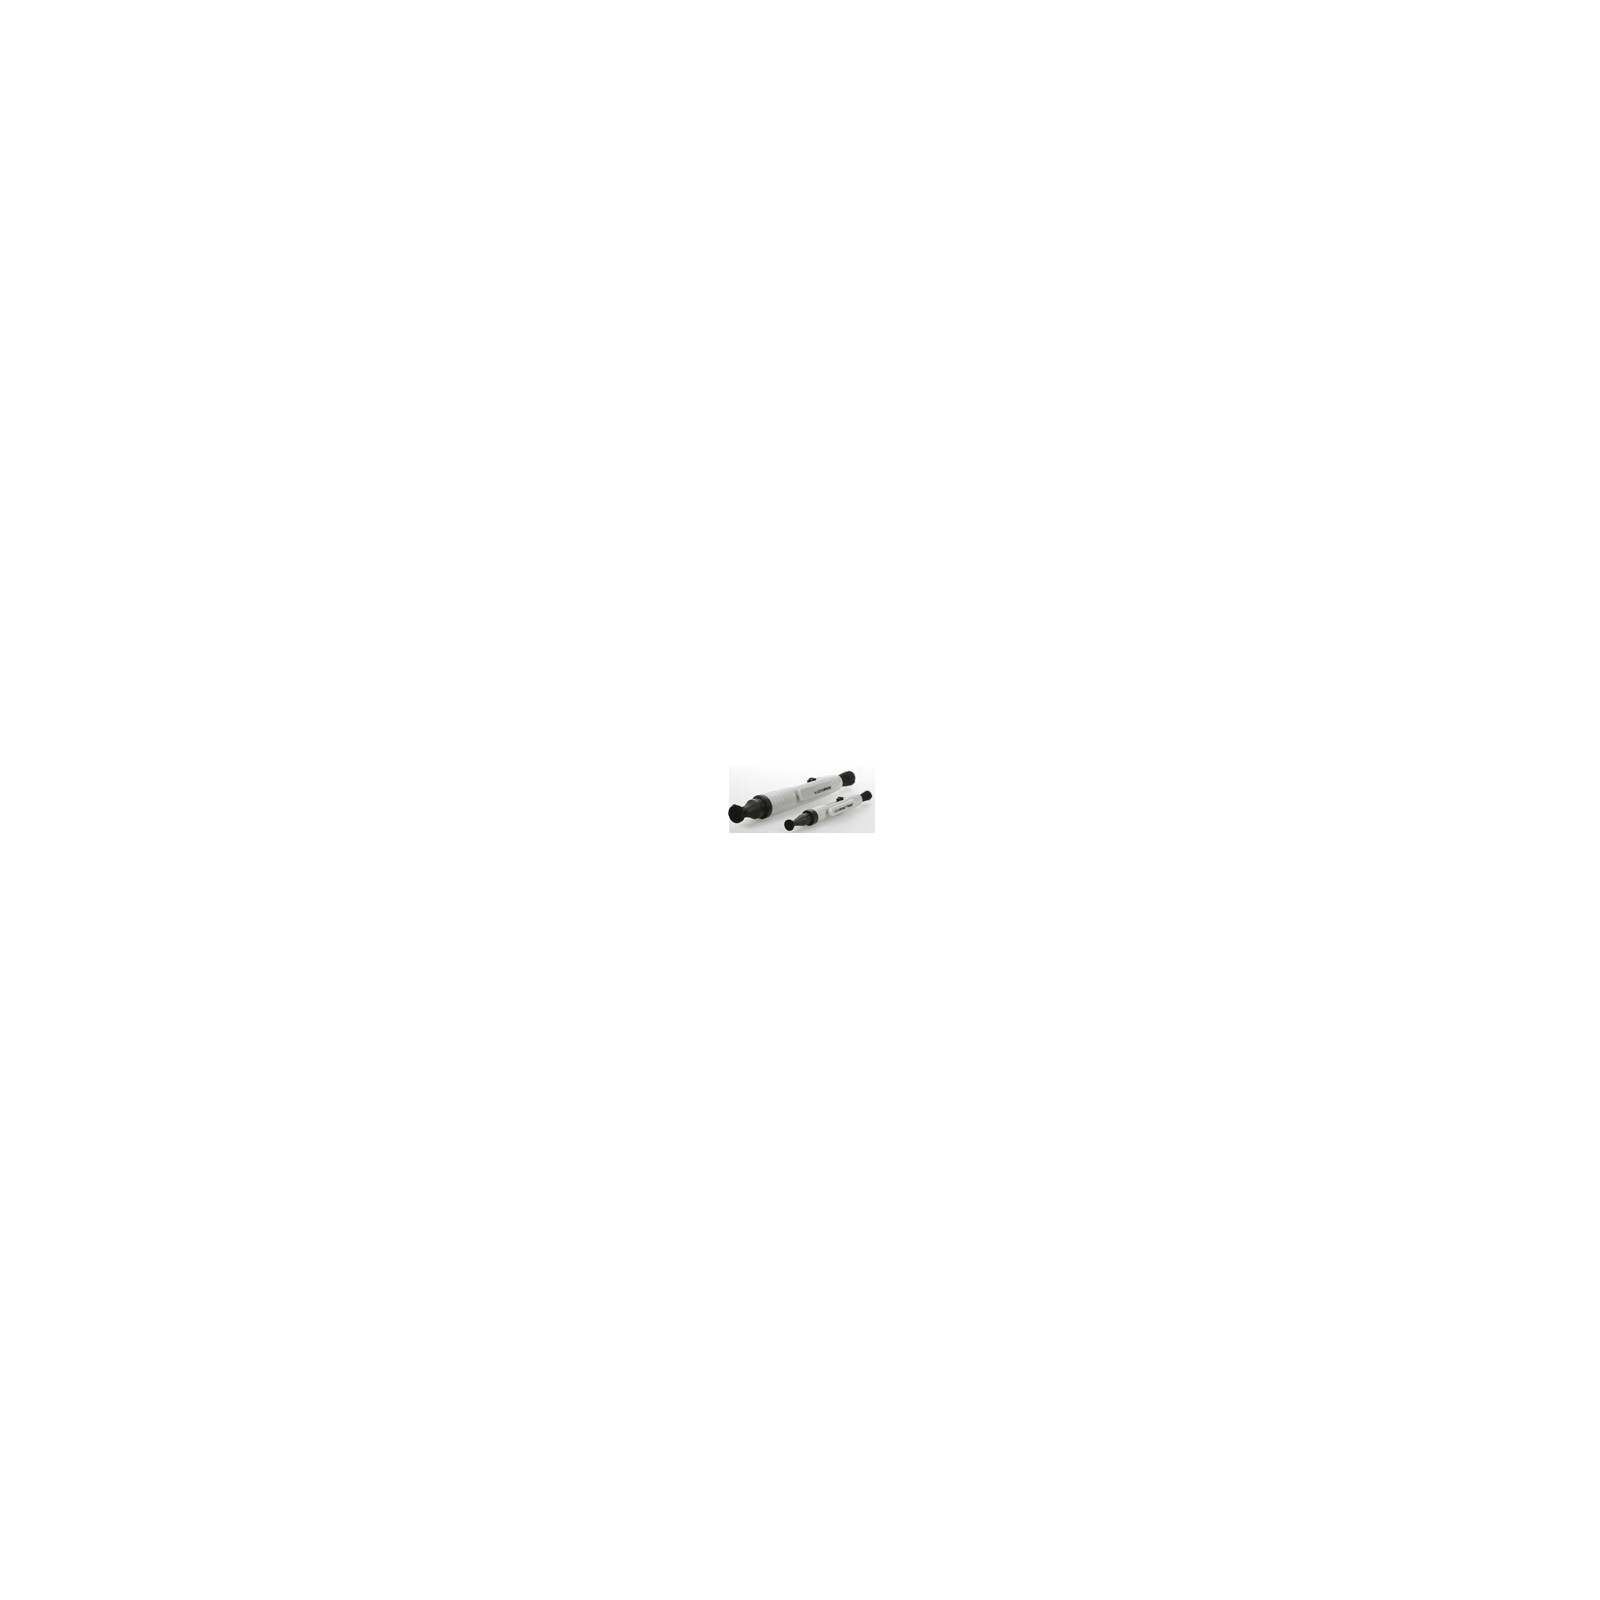 Dörr 101006 LensPen Pro Reinigungsstift